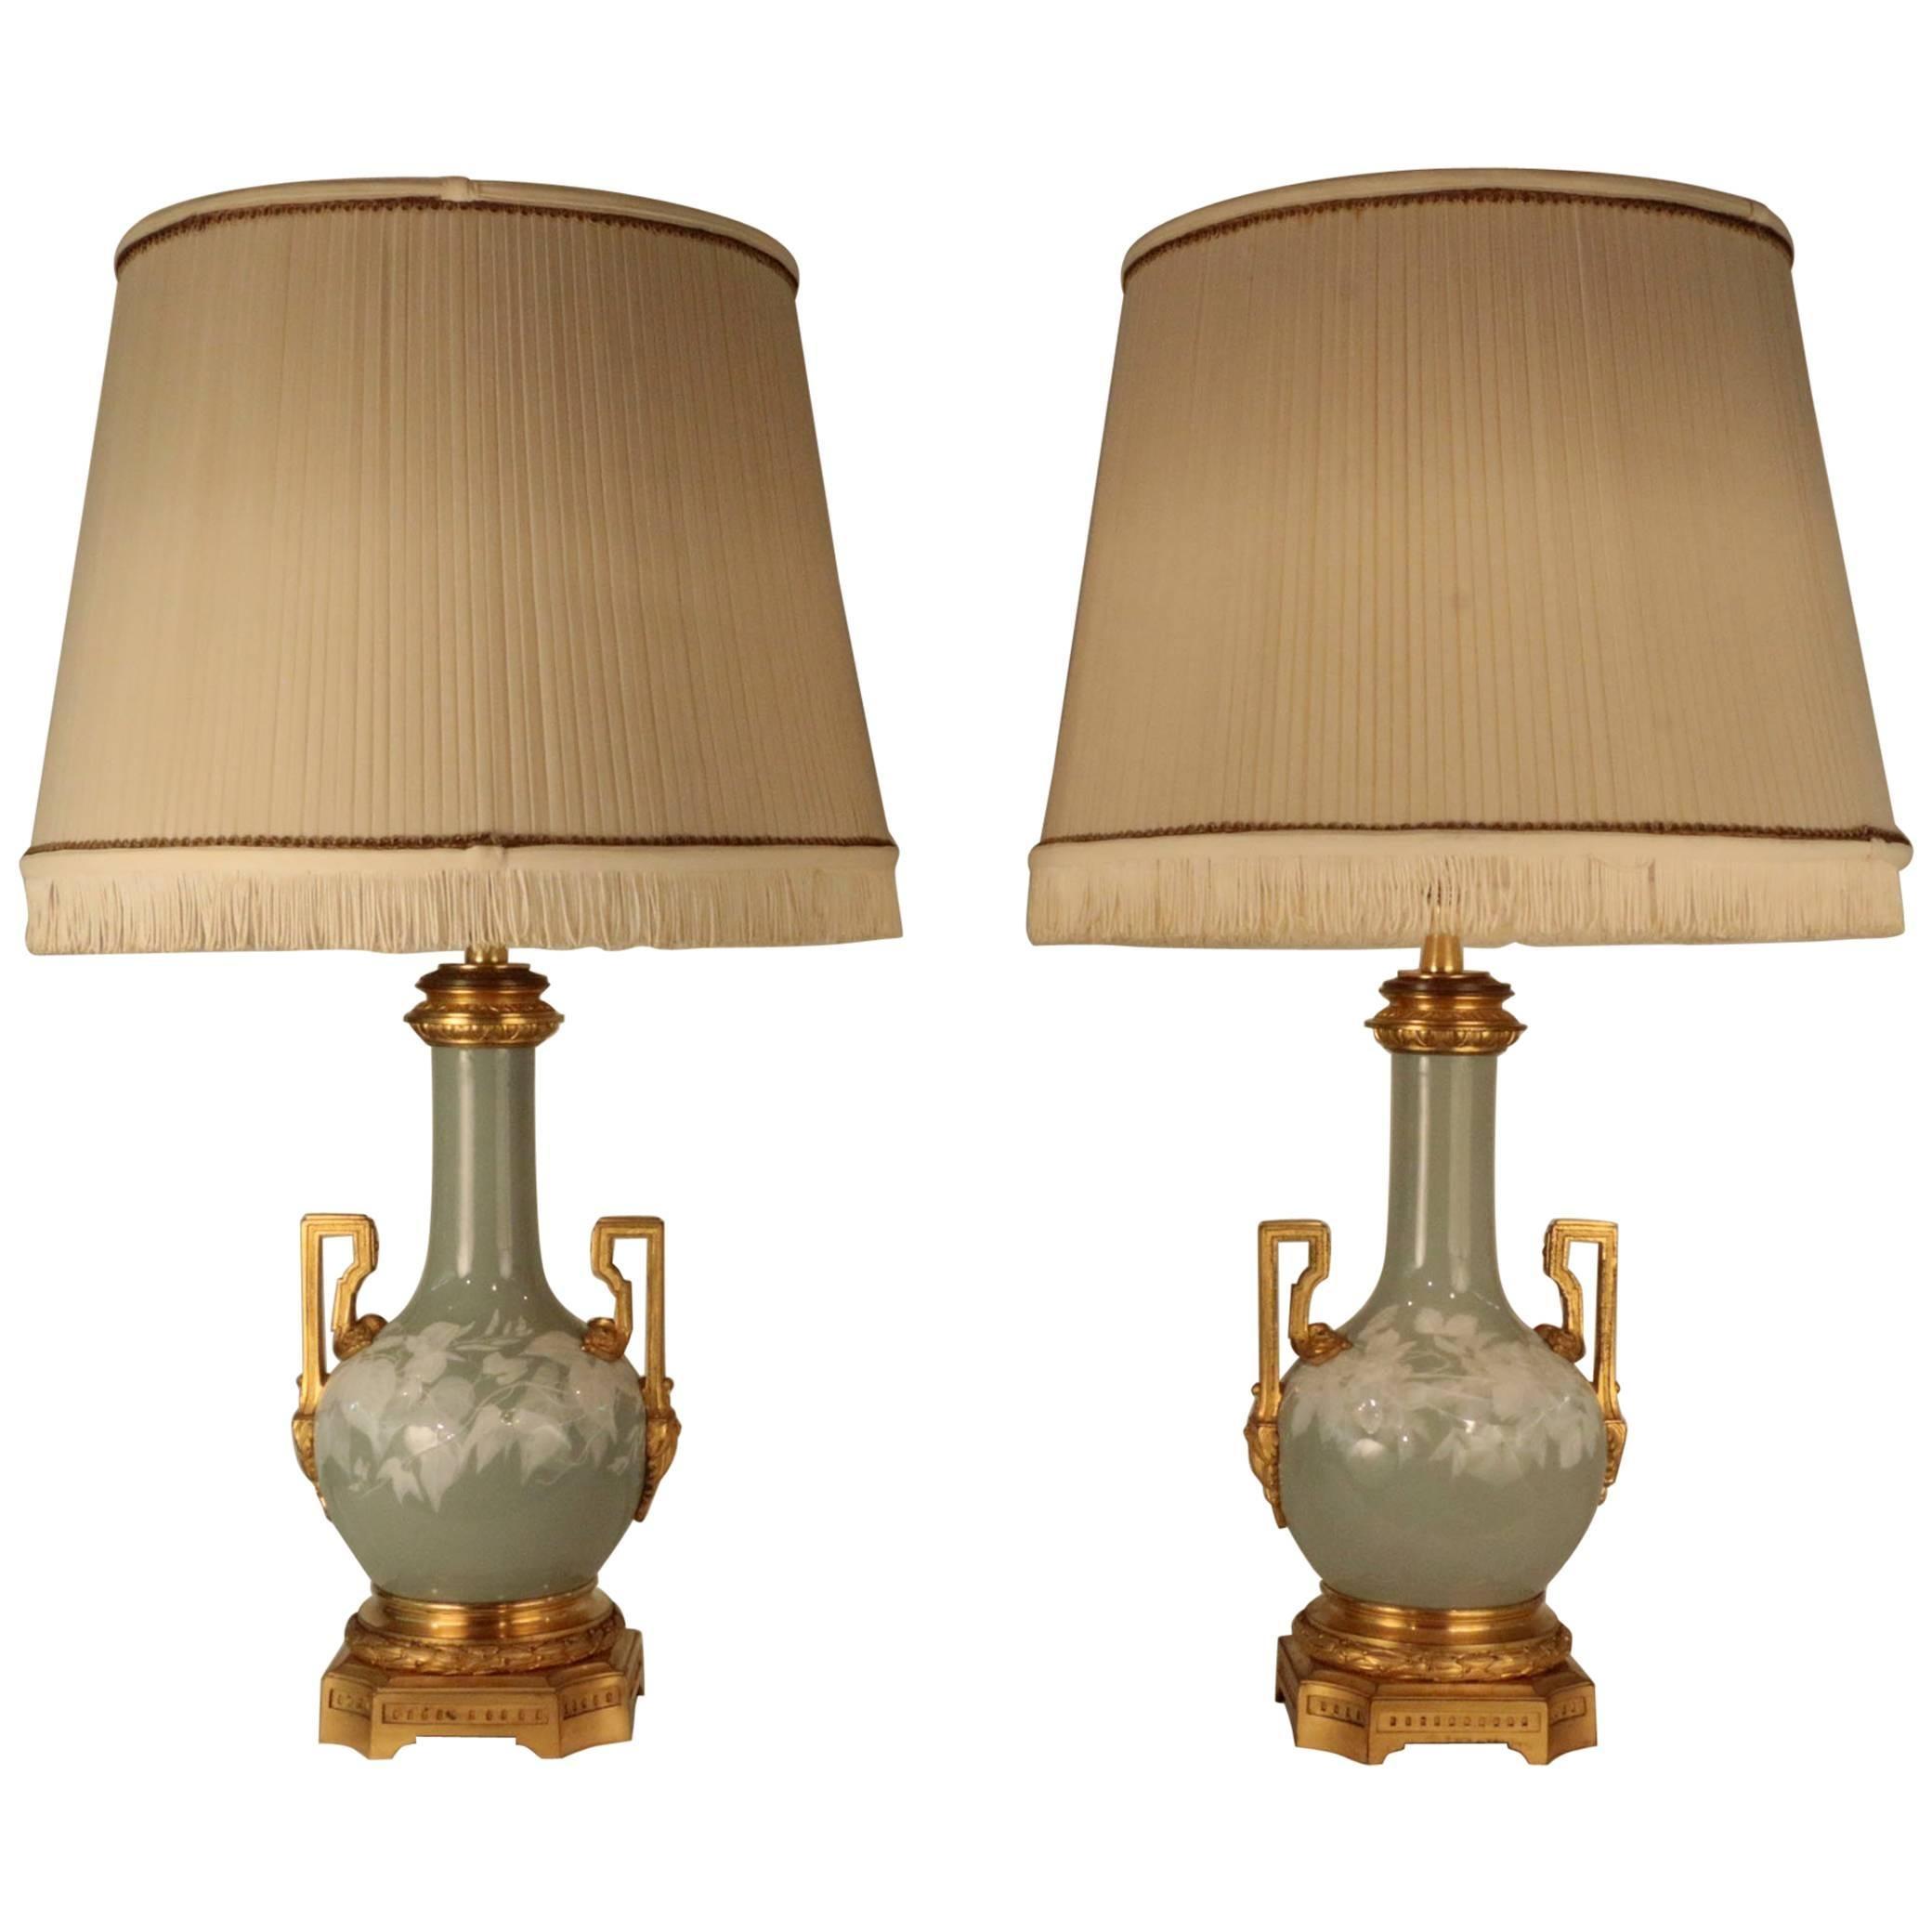 Pair of Antique French Pate Sur Pate Celadon Porcelain Lamps